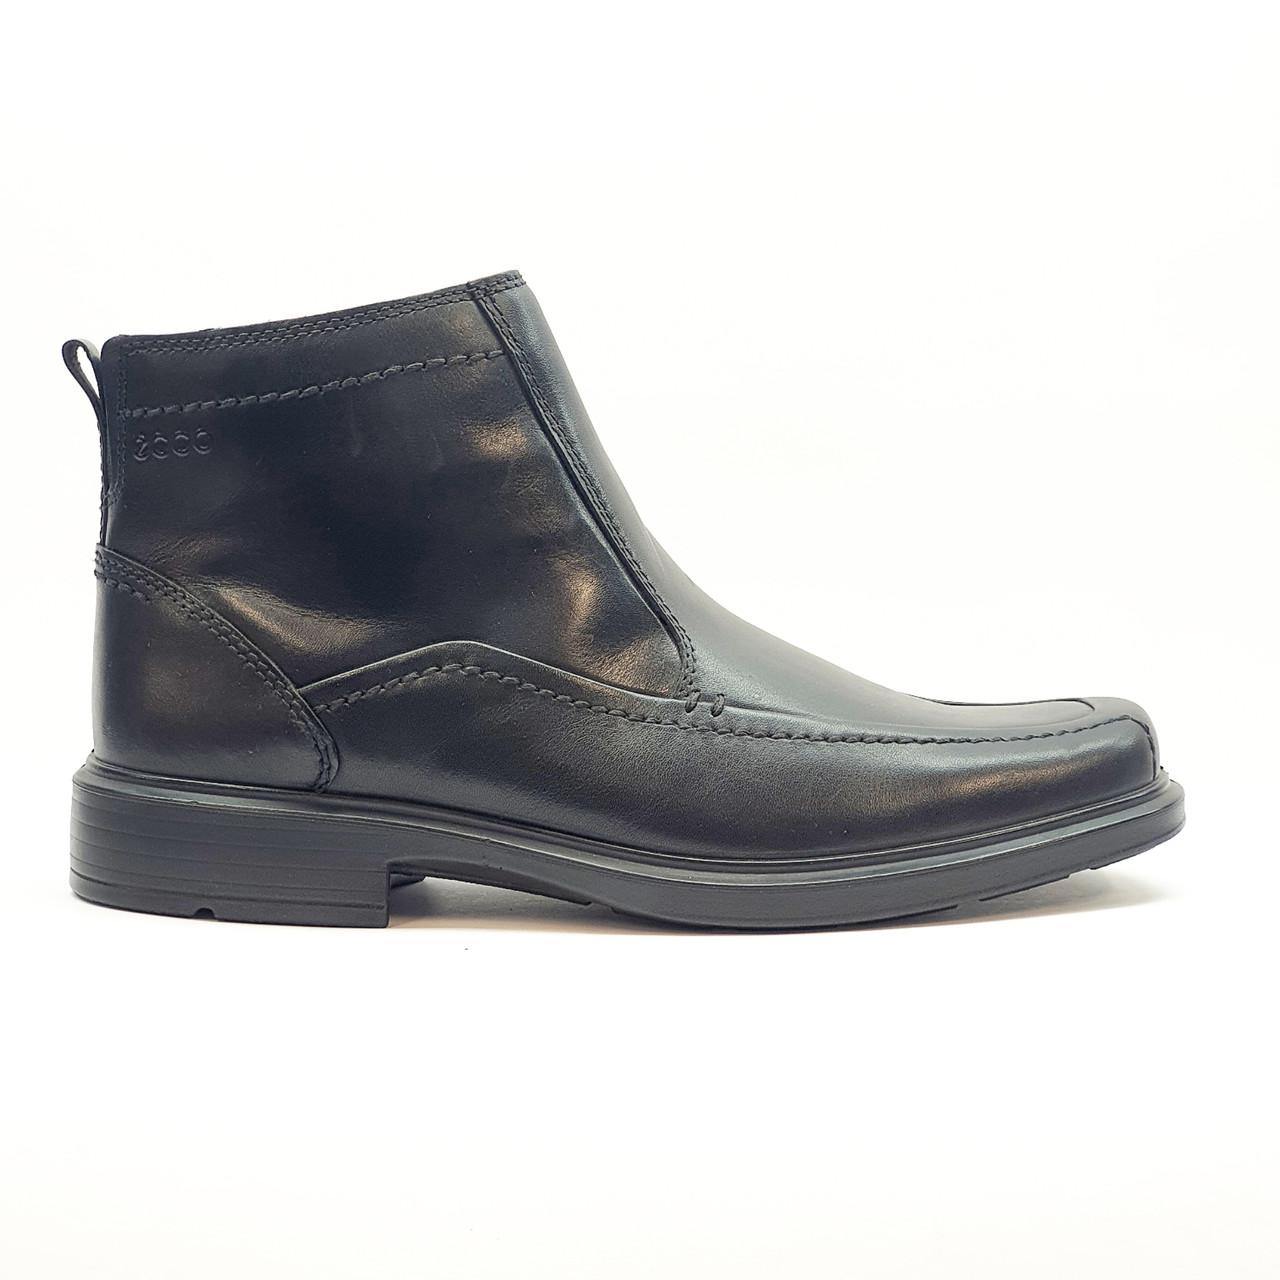 Ботинки зимние мужские классические из натуральной кожи ECCO черные